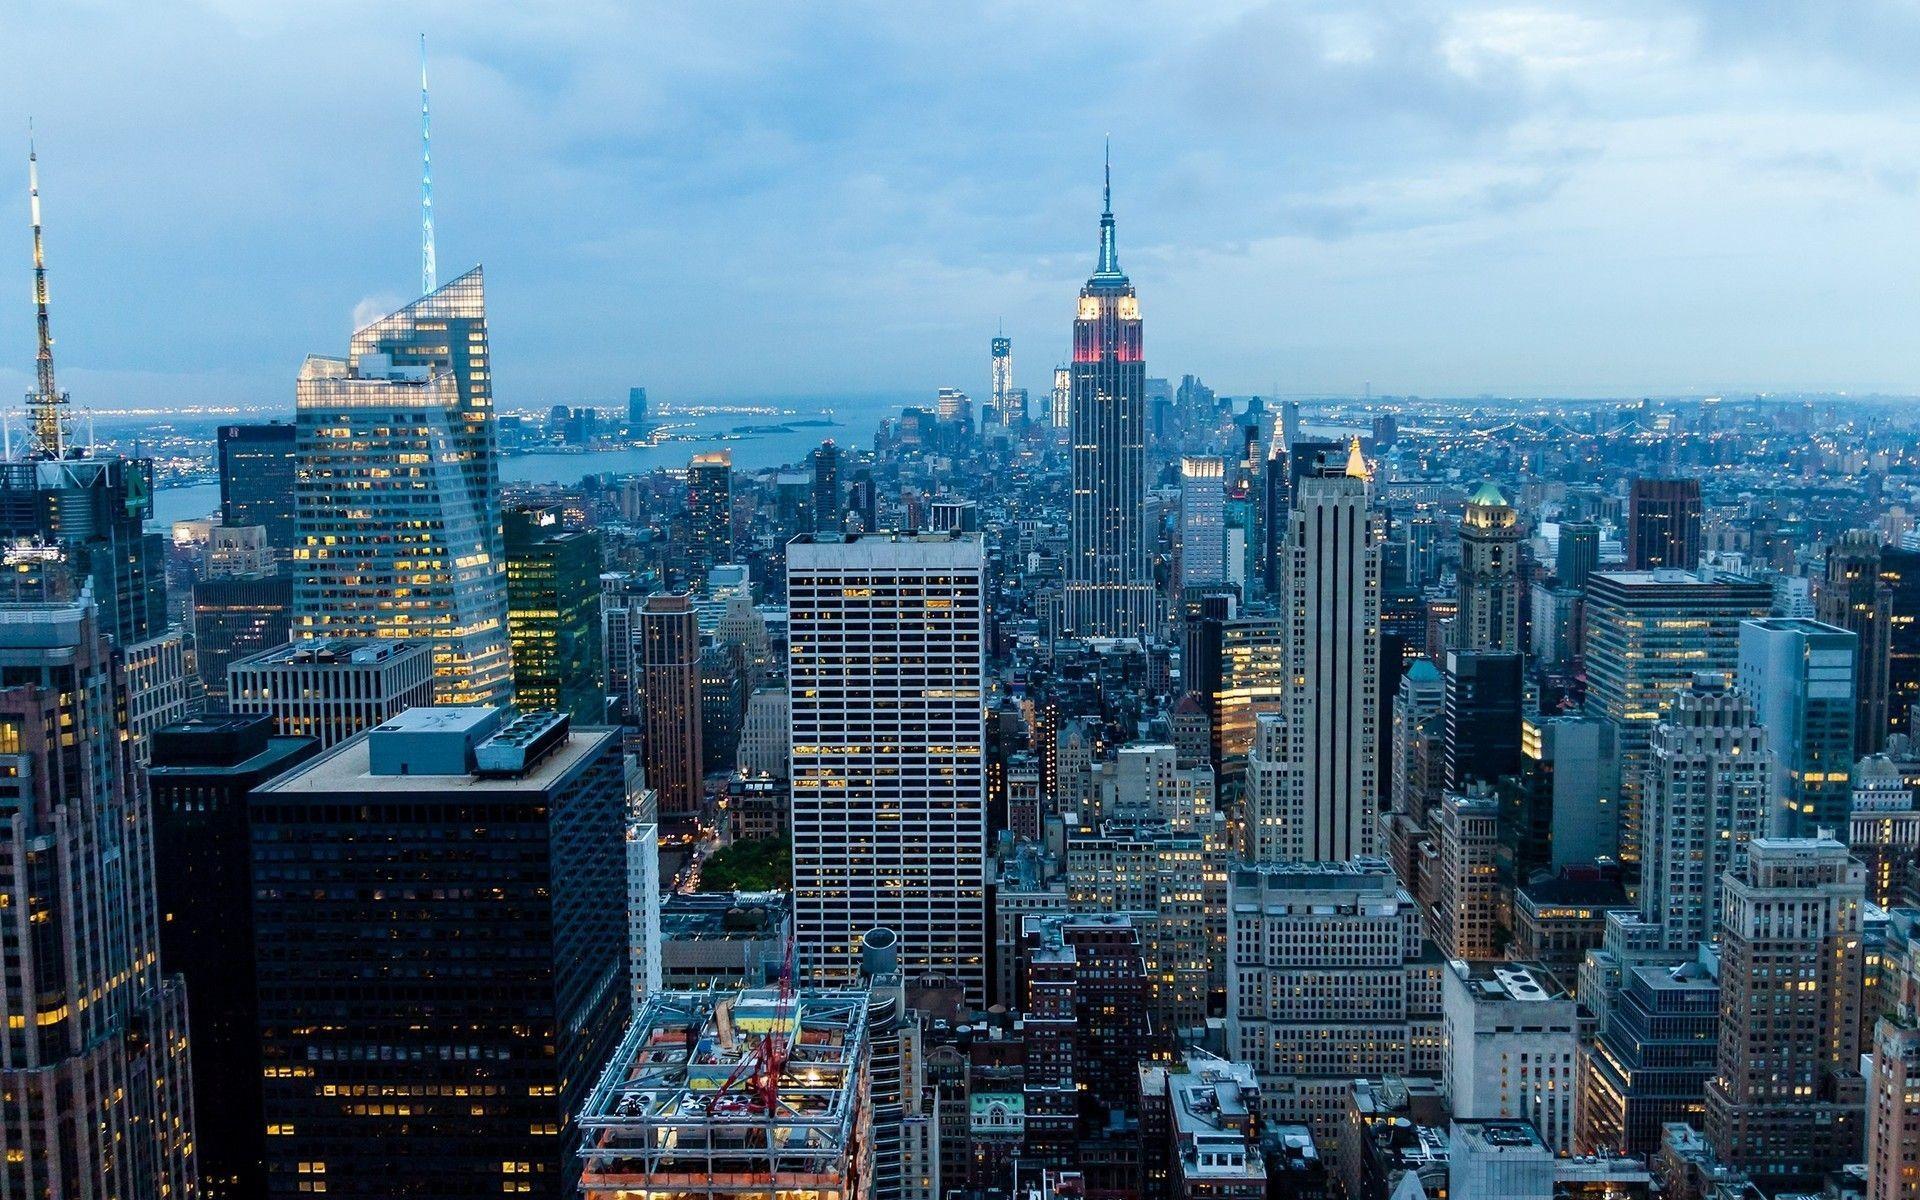 Манхэттен нью йорк обои на рабочий стол